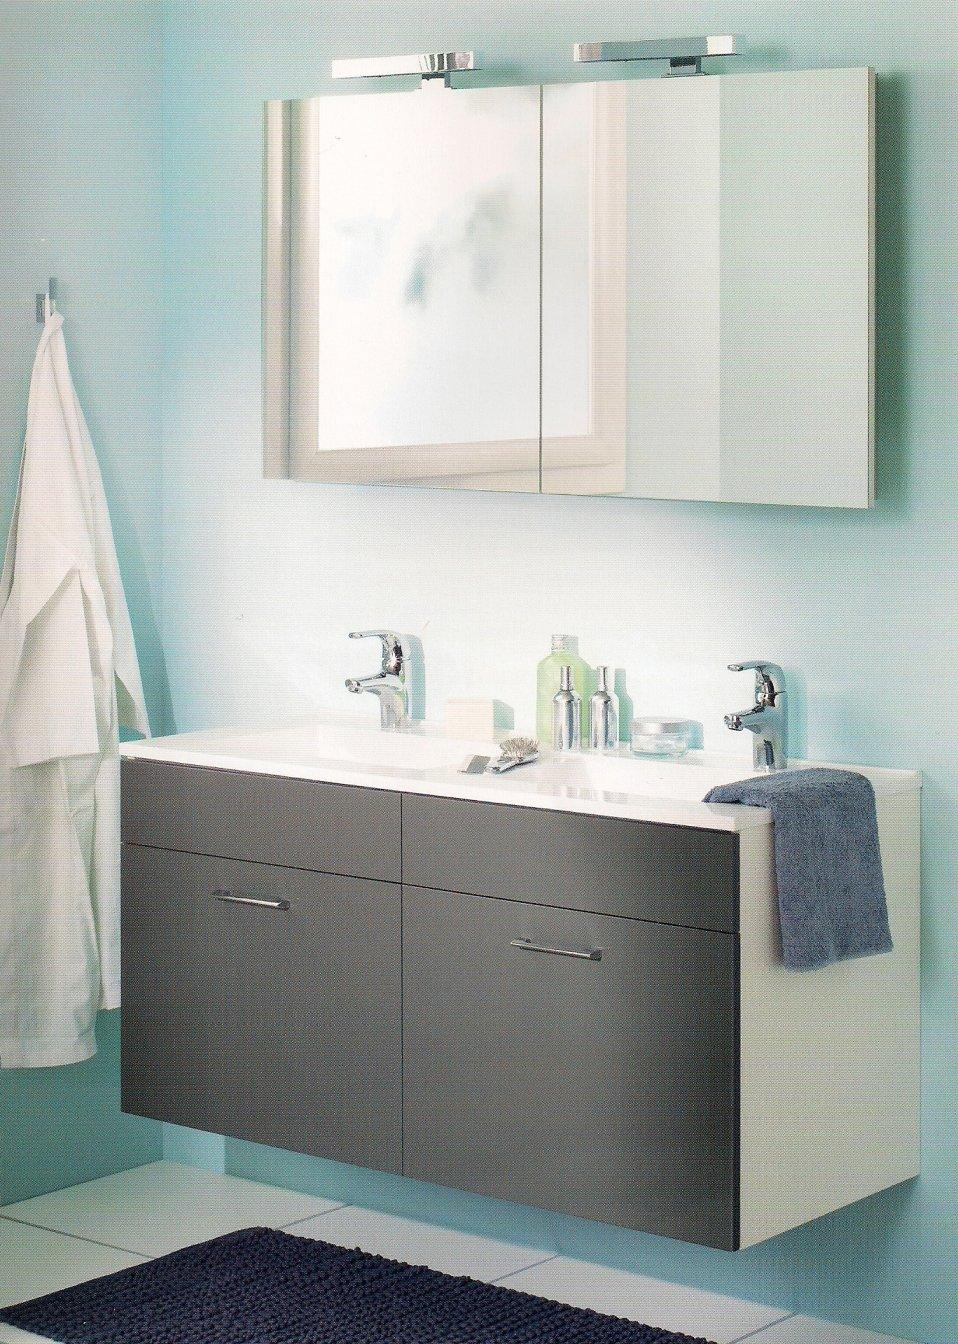 Meuble de salle de bains sanijura petit budget les share for Budget salle de bain